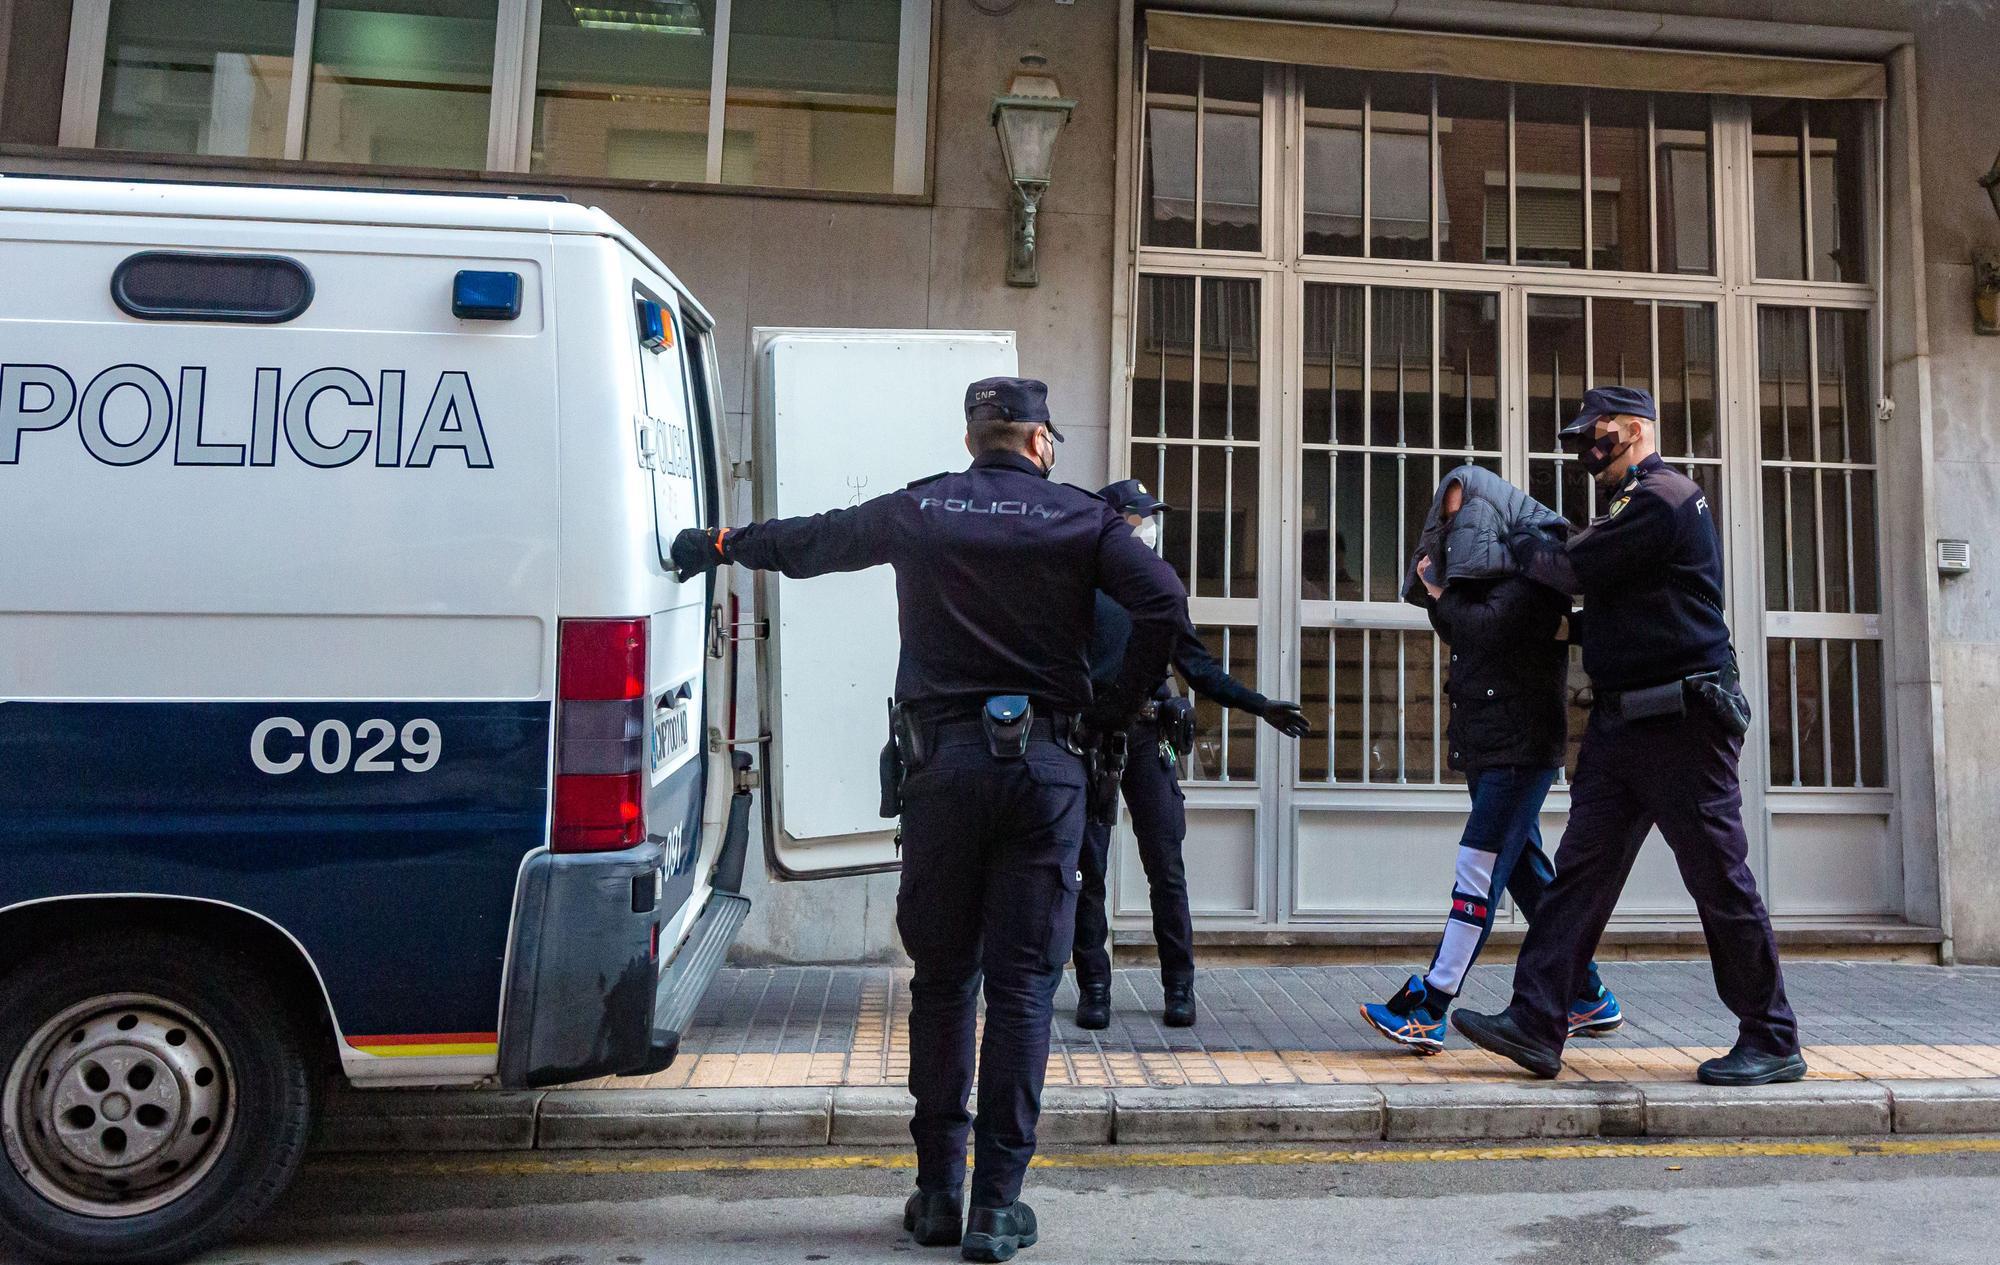 Golpe en Altea, Finestrat y Alicante a una red de blanqueo de dinero de la mafia rusa